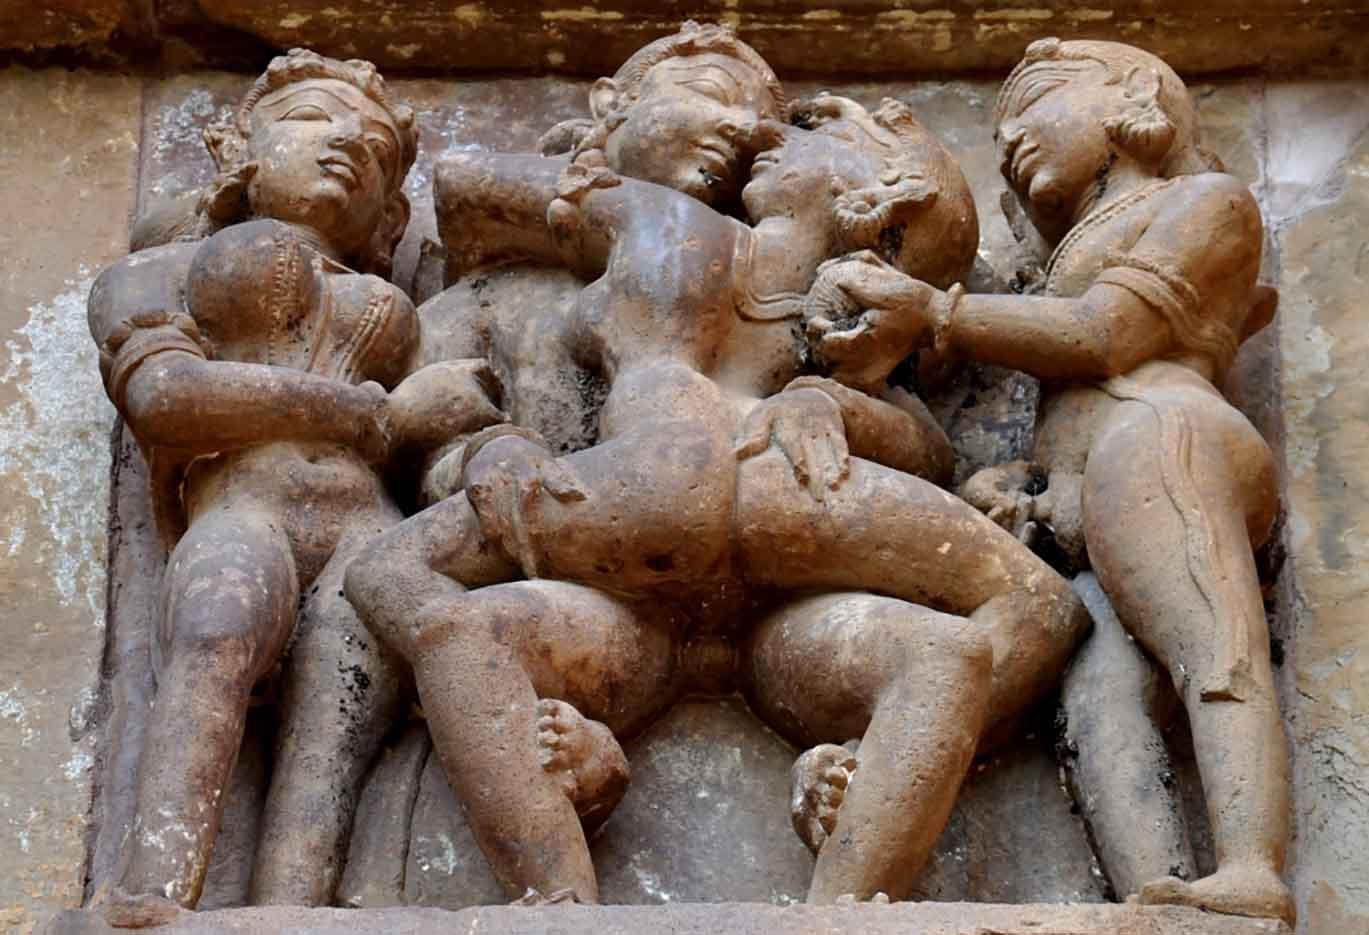 Храмы Кхаджурахо, Khajuraho Temples - 35